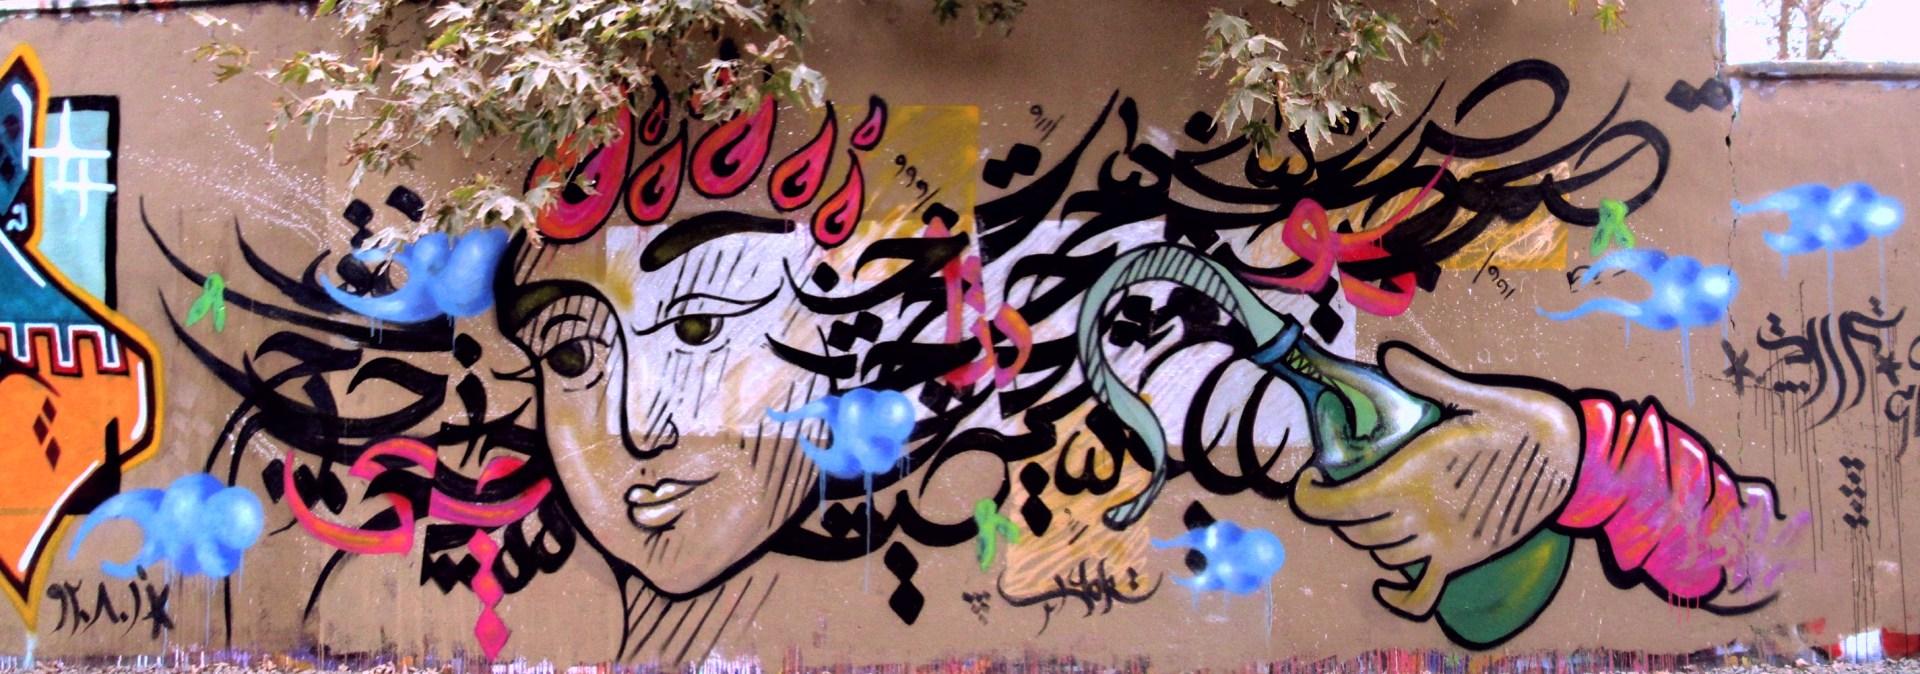 Making Graffiti An Iranian Art The Works Of Tehran Based Street Artist Ghalamdar